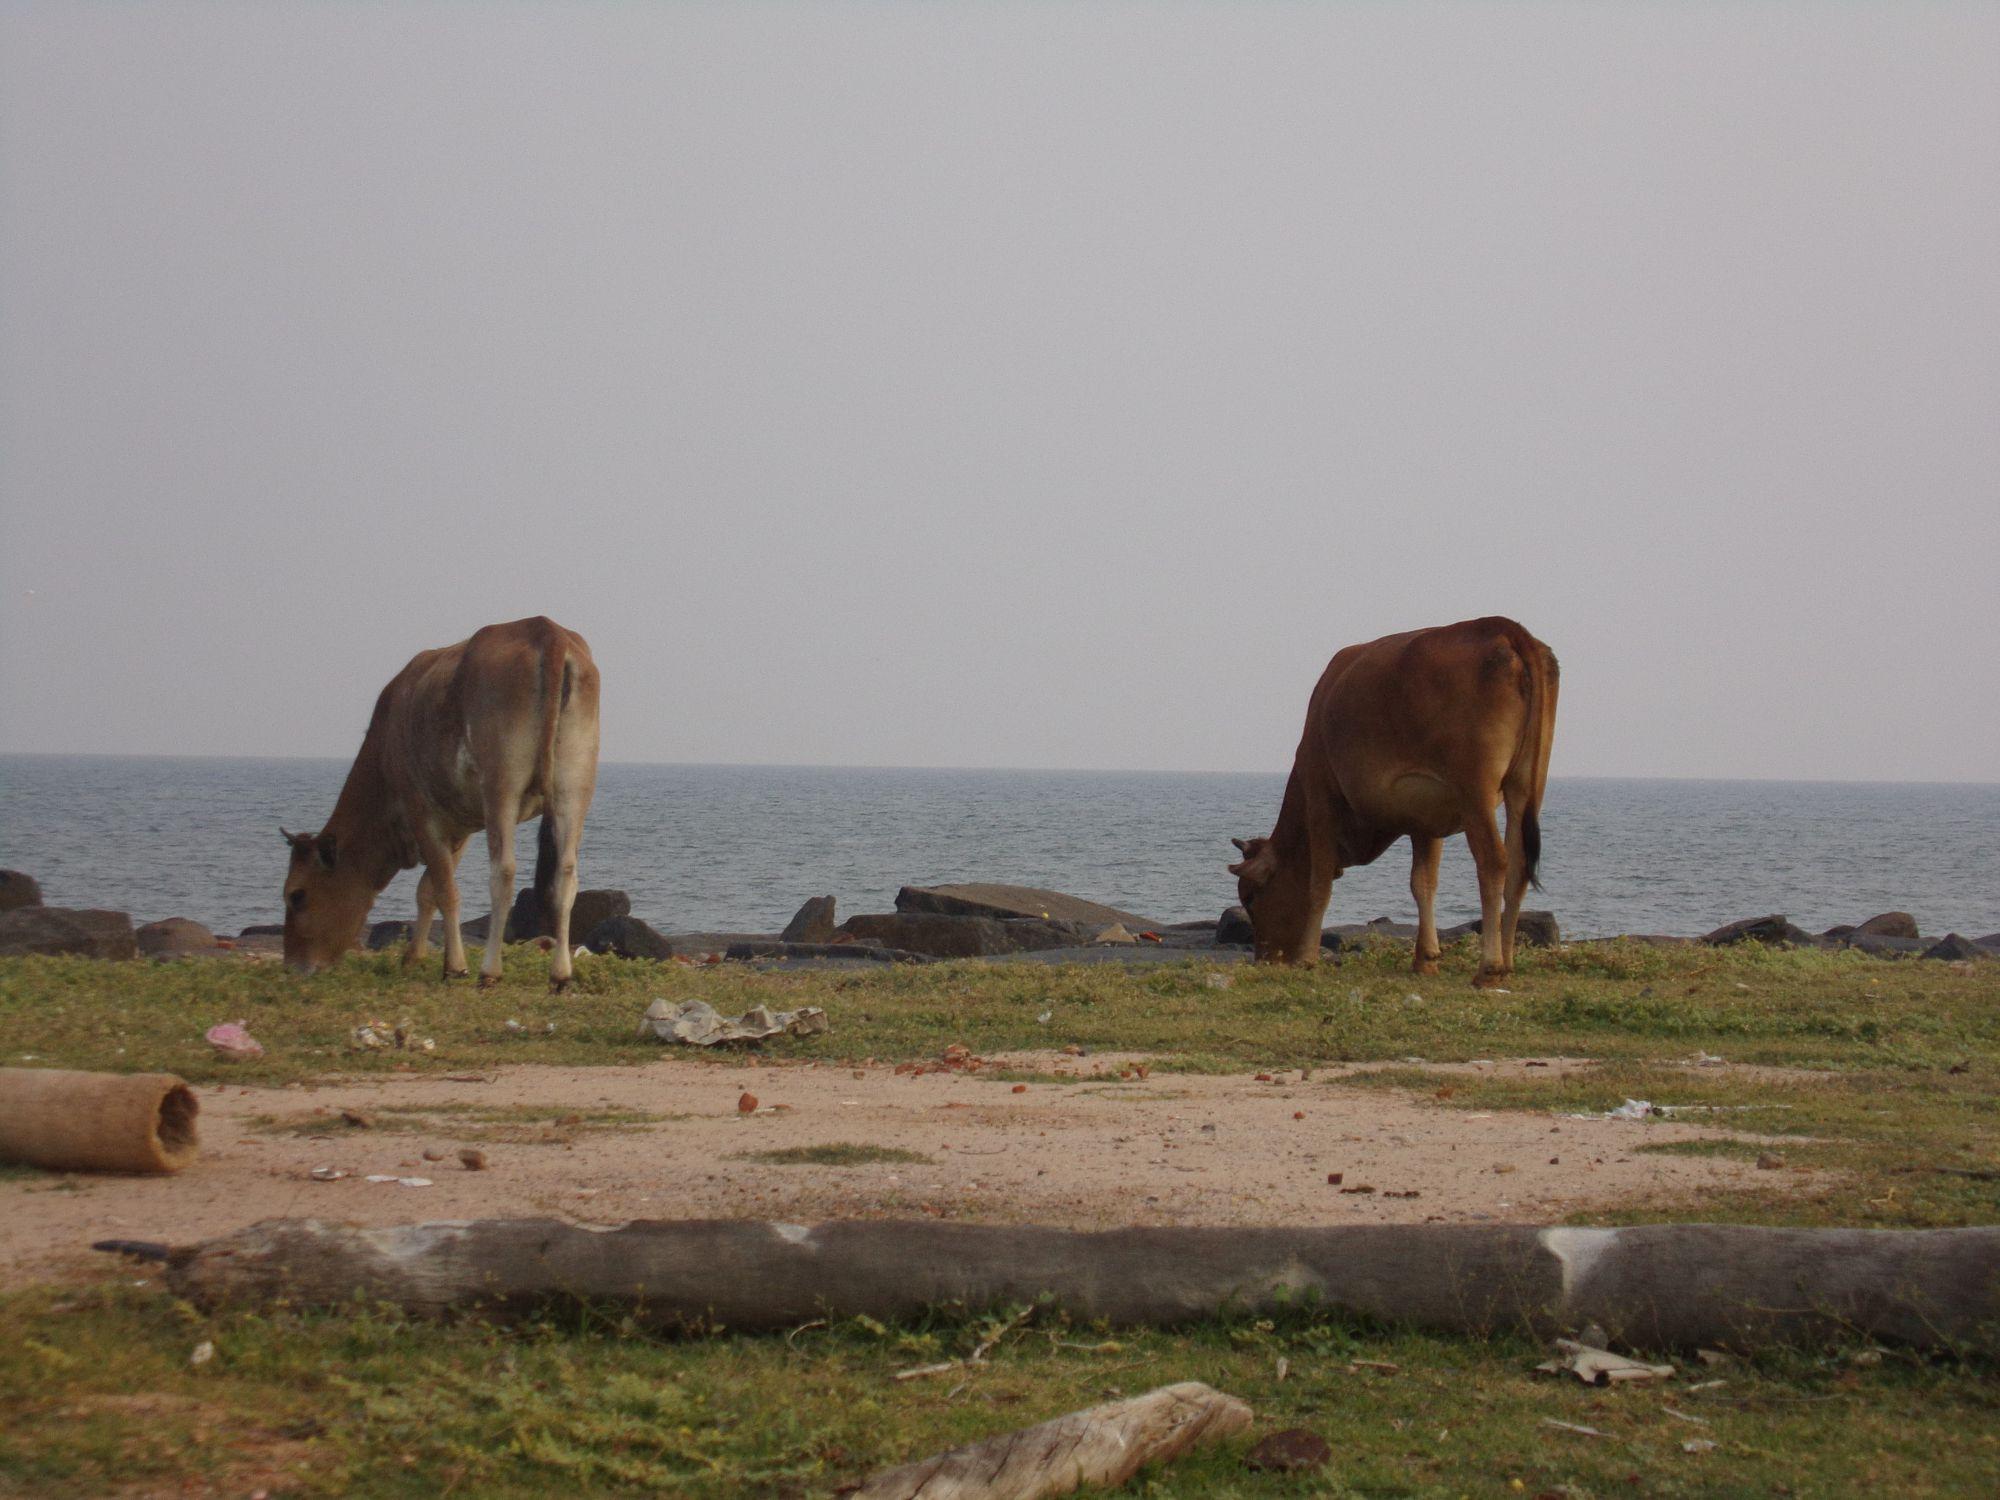 Inde du sud vache ocean indien